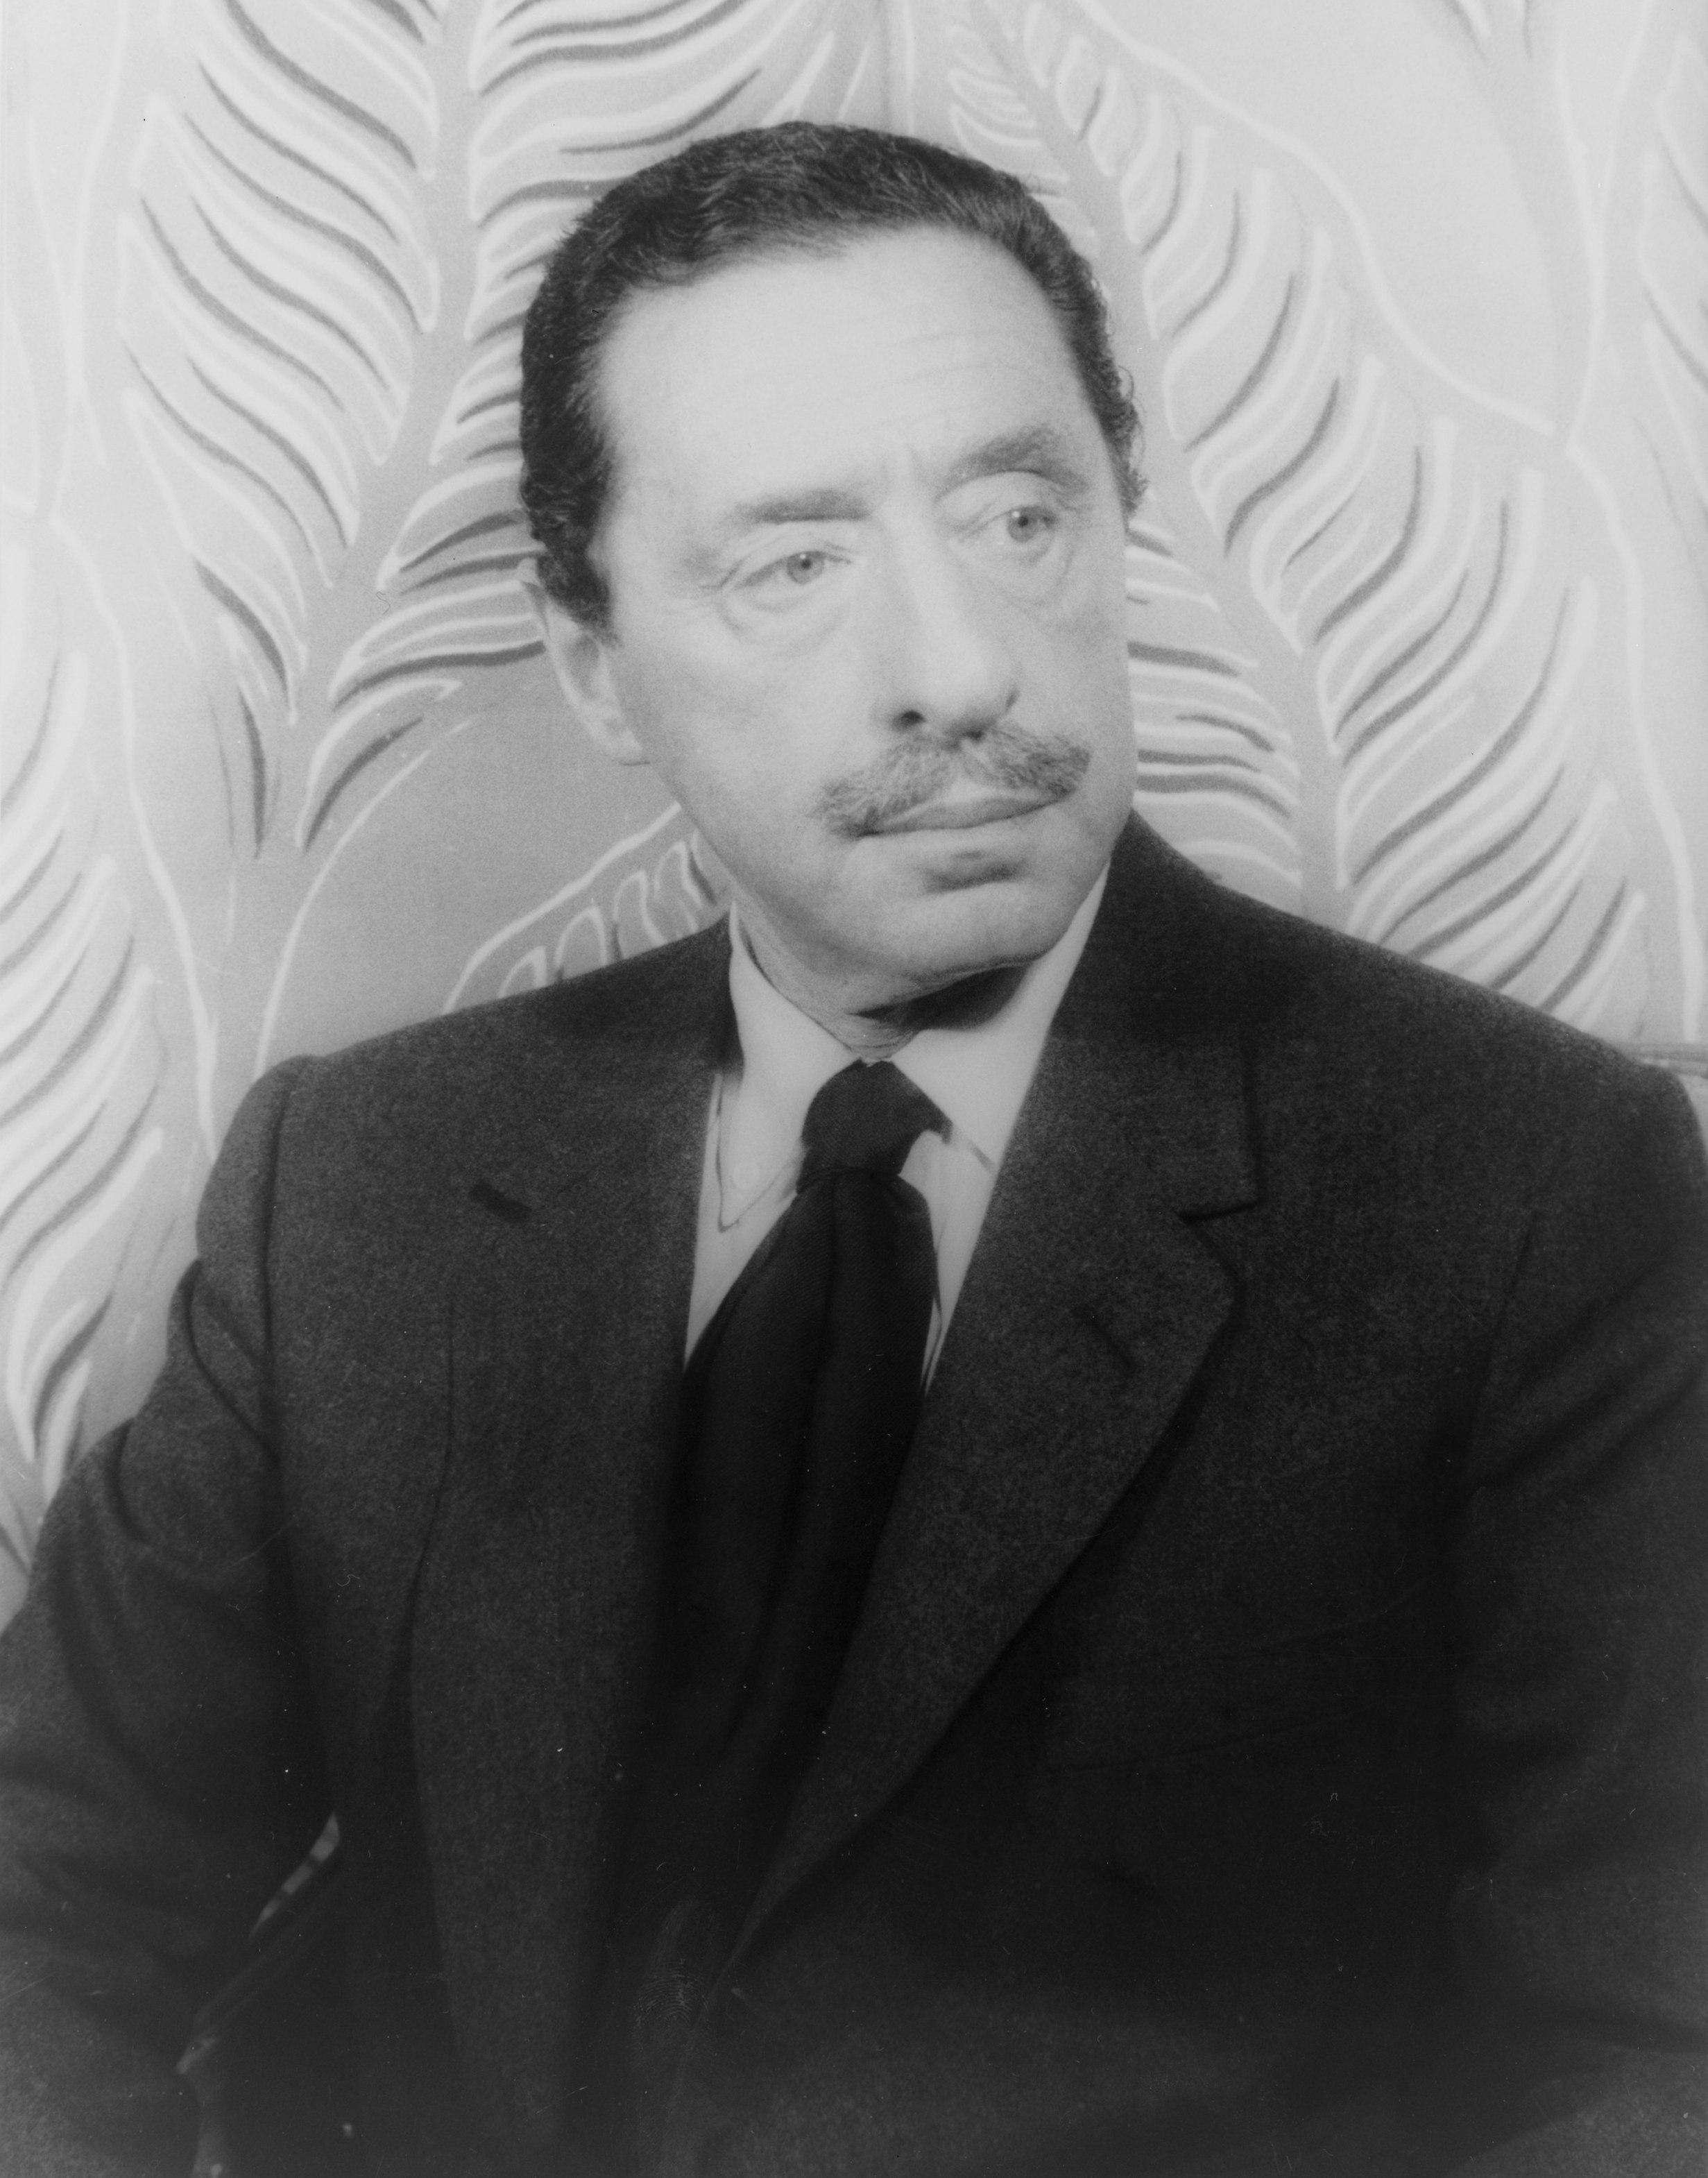 Arlen in 1960